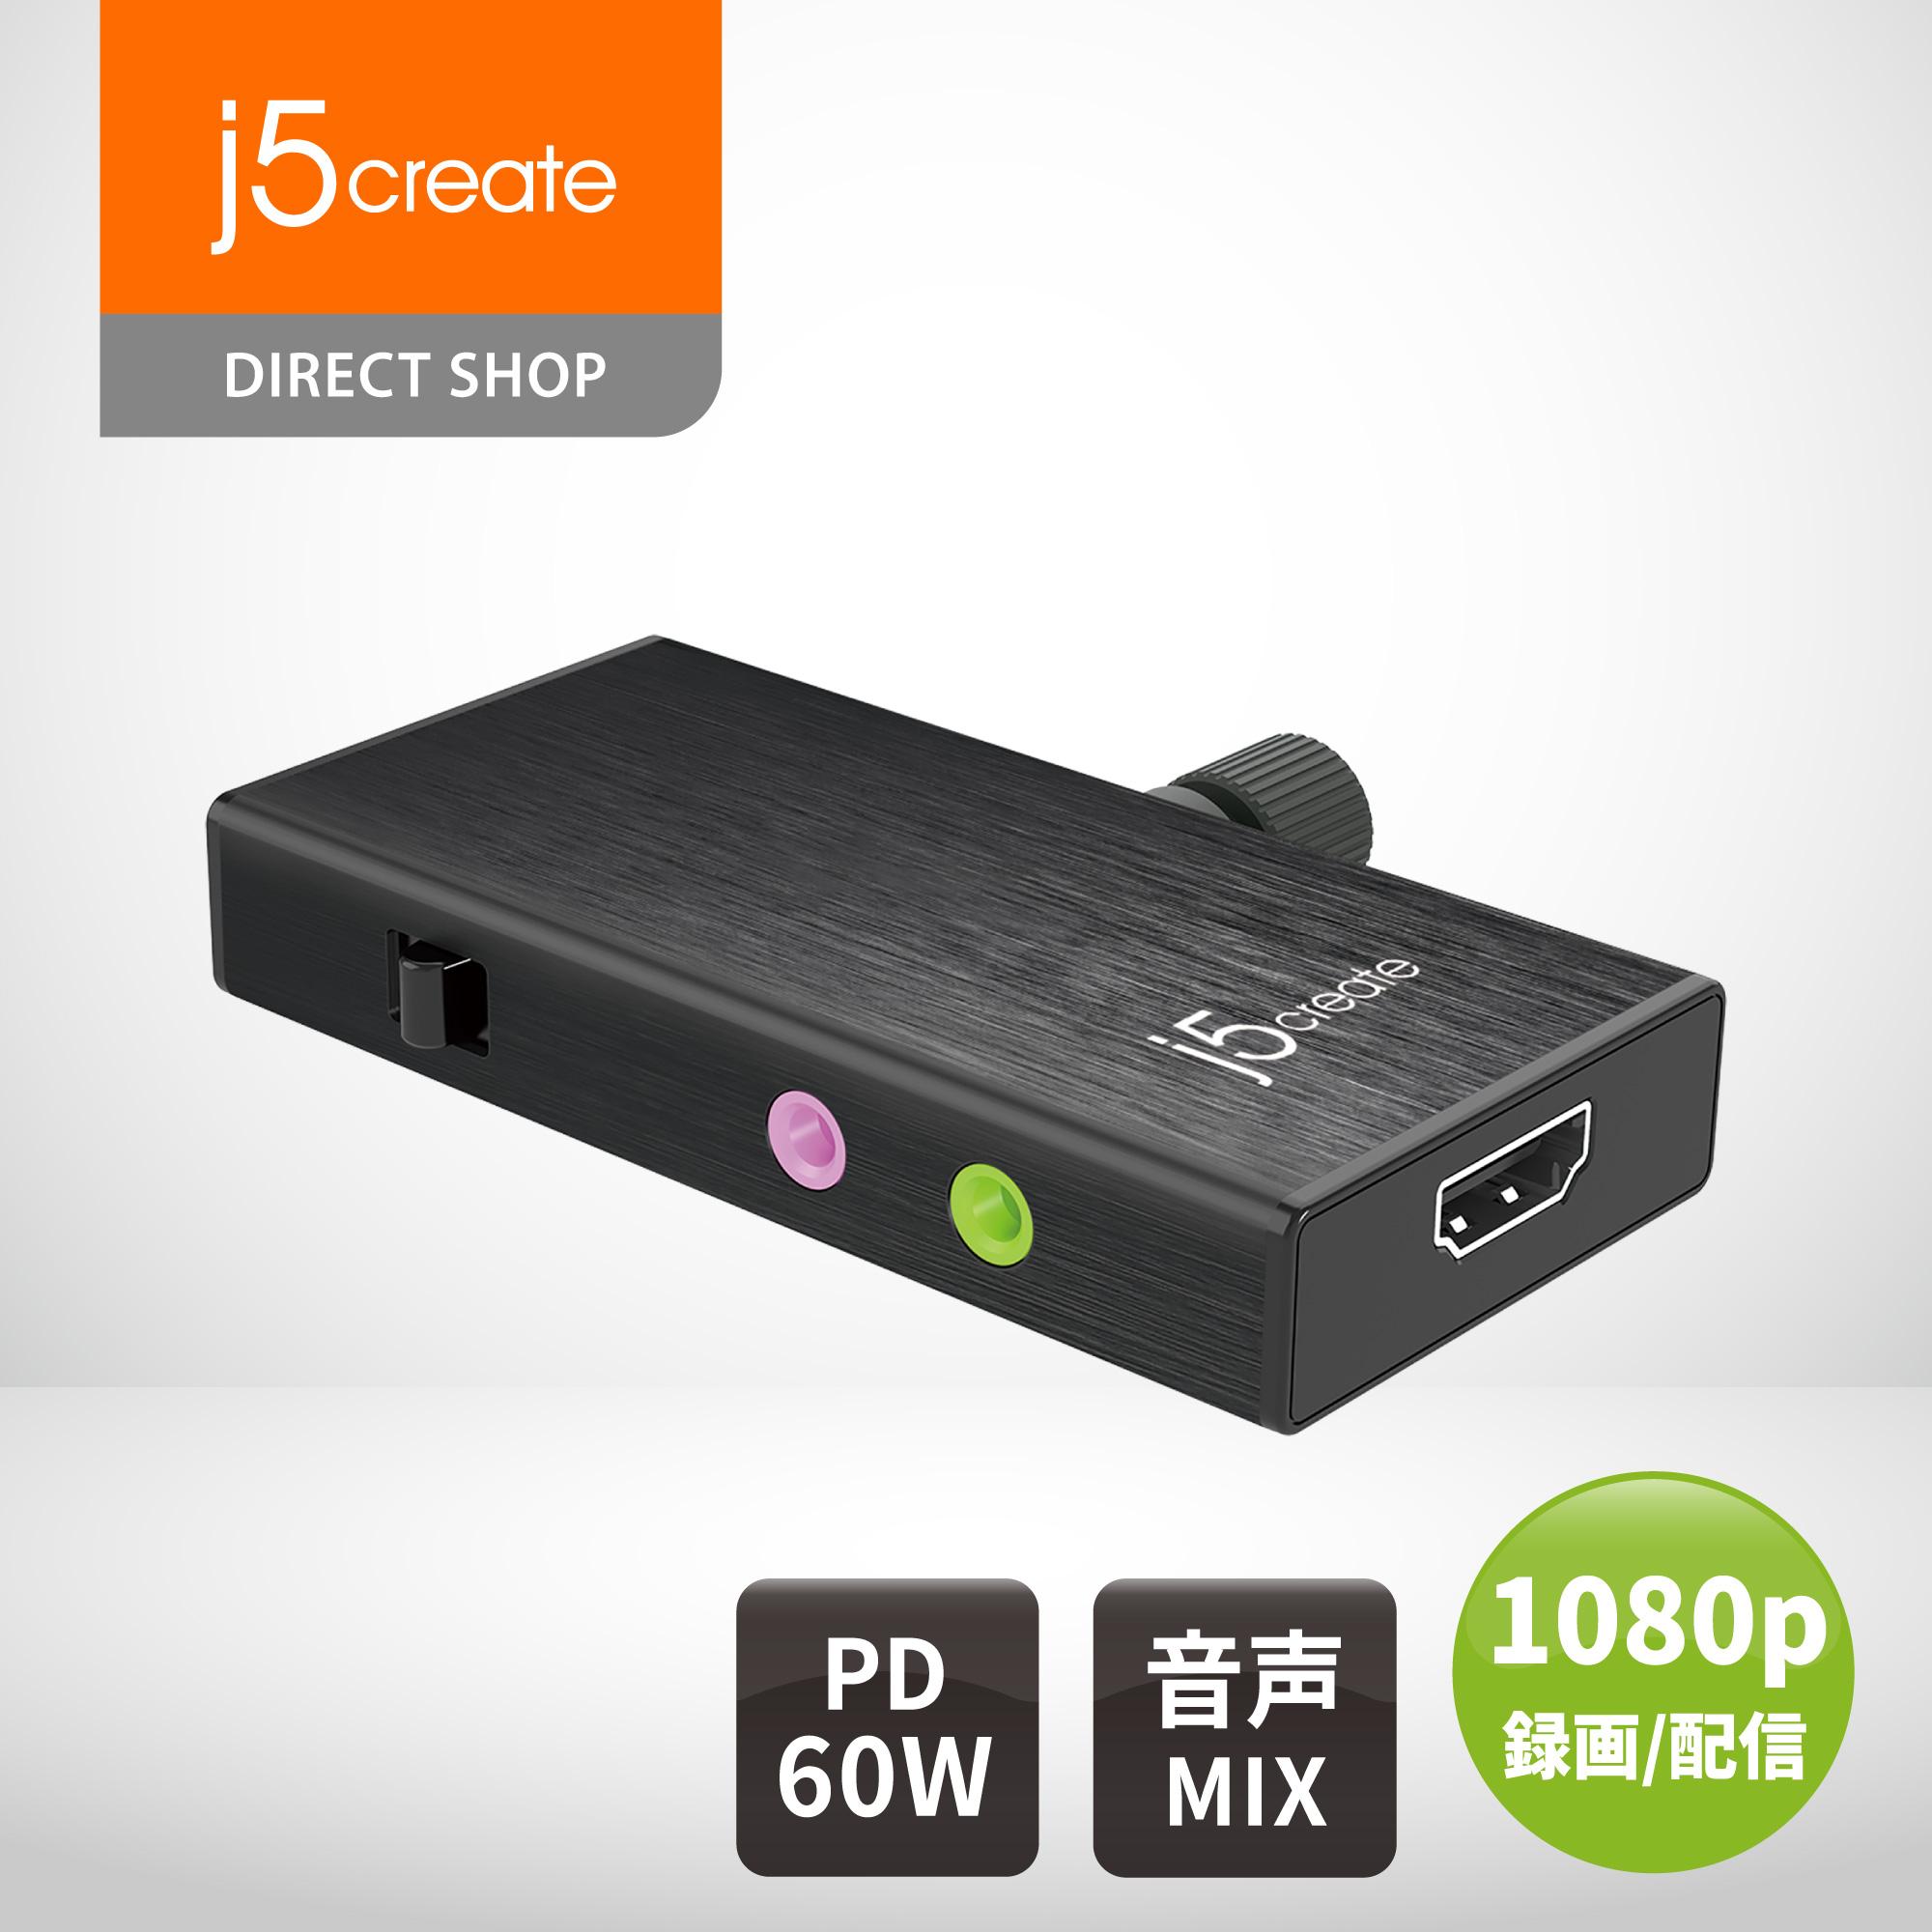 j5 create USB-C HDMI ビデオキャプチャー キャプチャーボード JVA02-EJ 激安通販 カメラ固定アダプタ搭載 驚きの価格が実現 高画質ライブ配信 録音モード変更スイッチ FHD UVC対応 PD充電対応 1080p